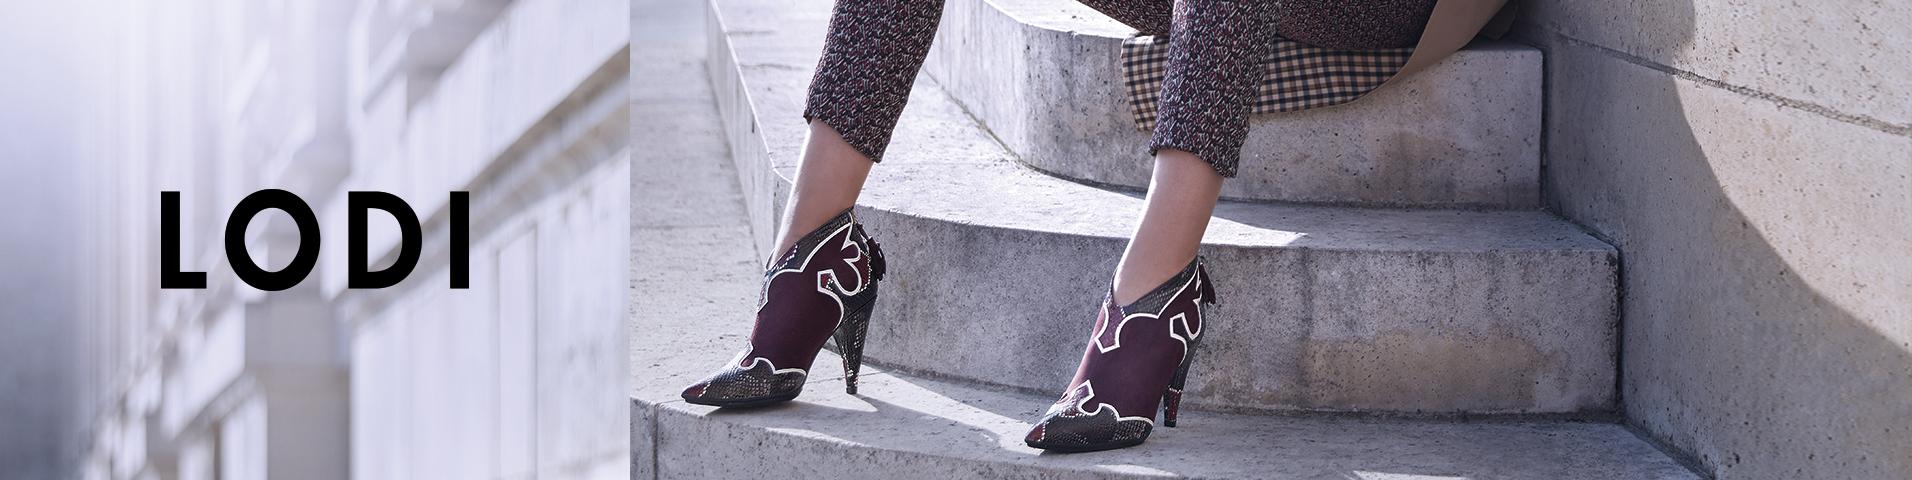 Chaussures femme en promo Lodi   Tous les articles chez Zalando 648a8bad0fa